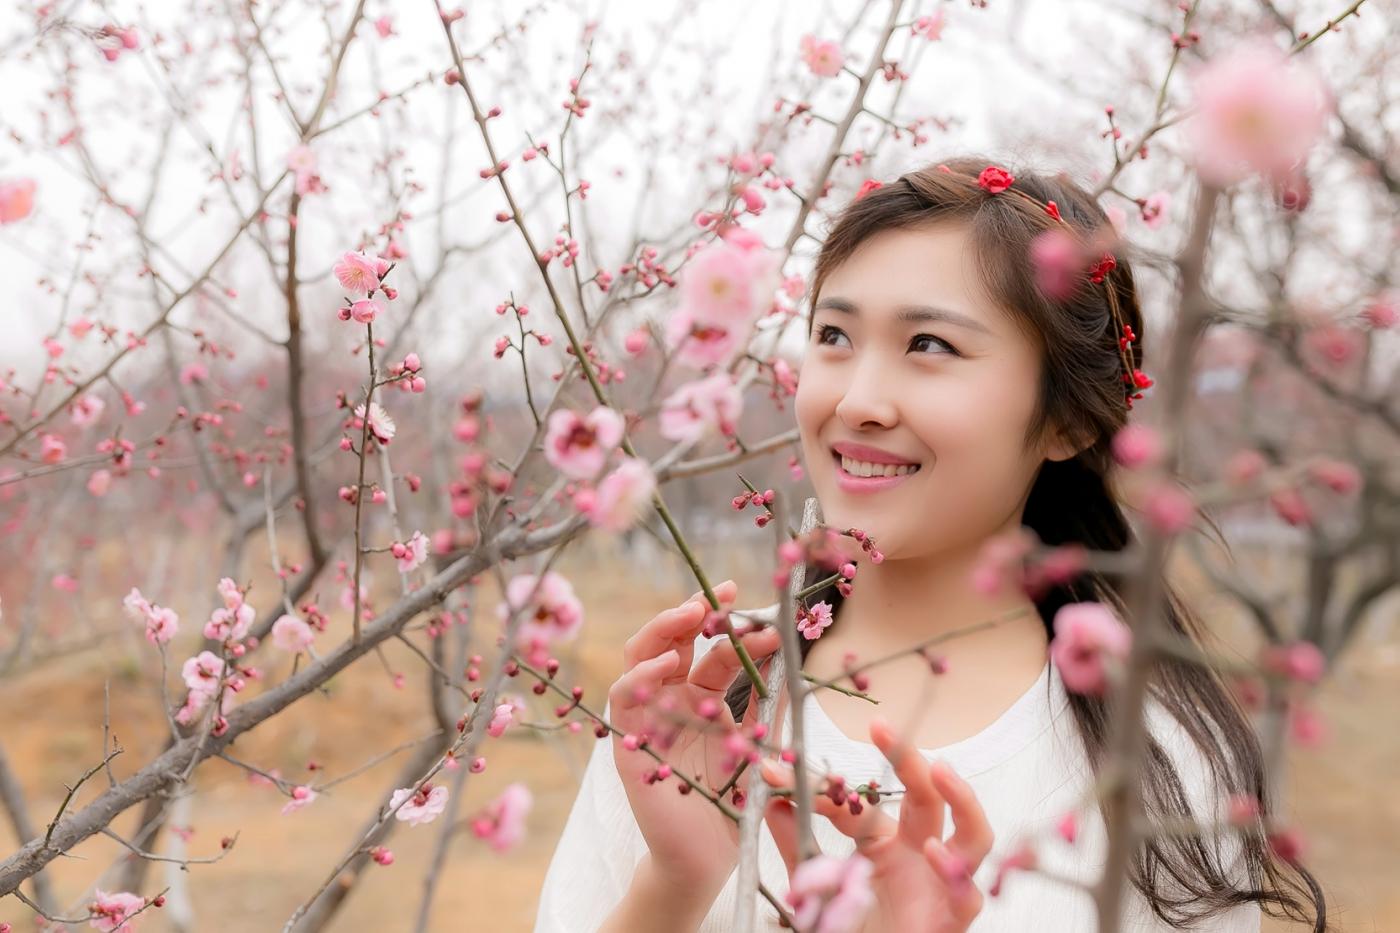 沂水雪山梅园走来一群赏梅踏春的沂蒙女孩 摄影人和女孩们成为梅园一道亮丽的风景线 ..._图1-21